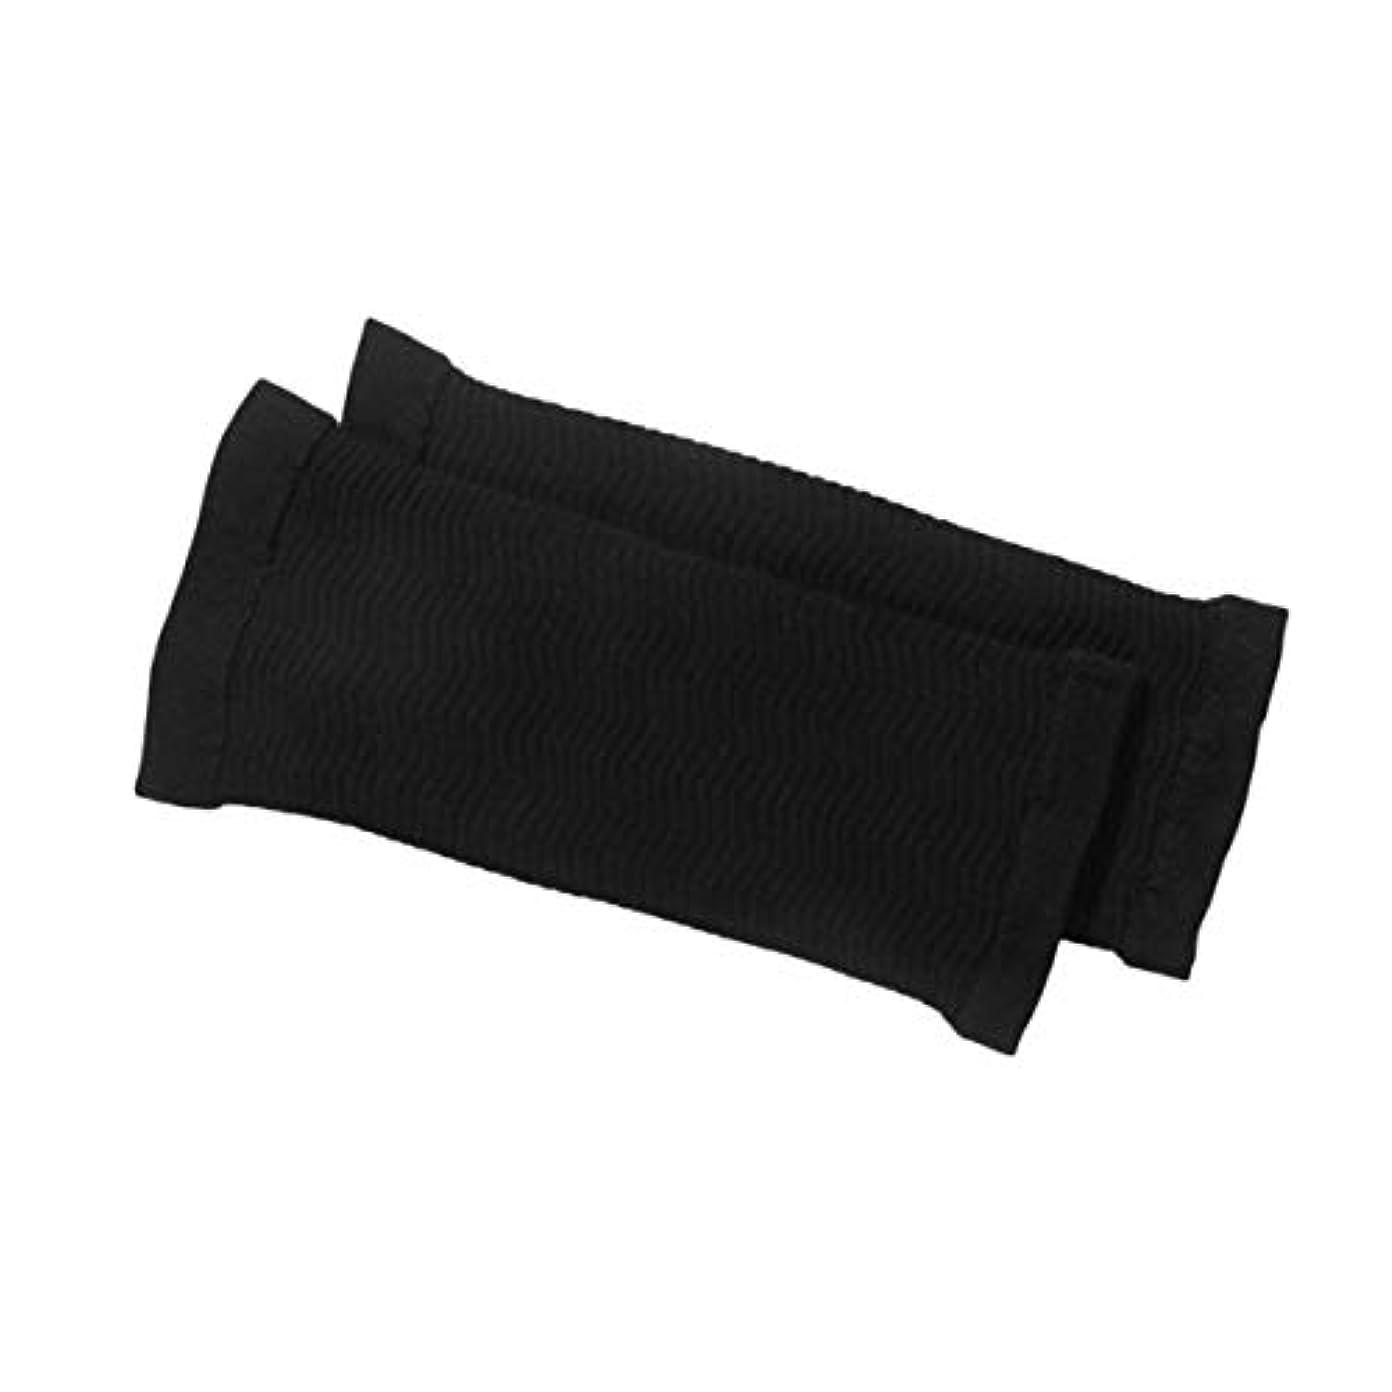 無限大不機嫌してはいけません1ペア420 D圧縮痩身アームスリーブワークアウトトーニングバーンセルライトシェイパー脂肪燃焼袖用女性 - 黒